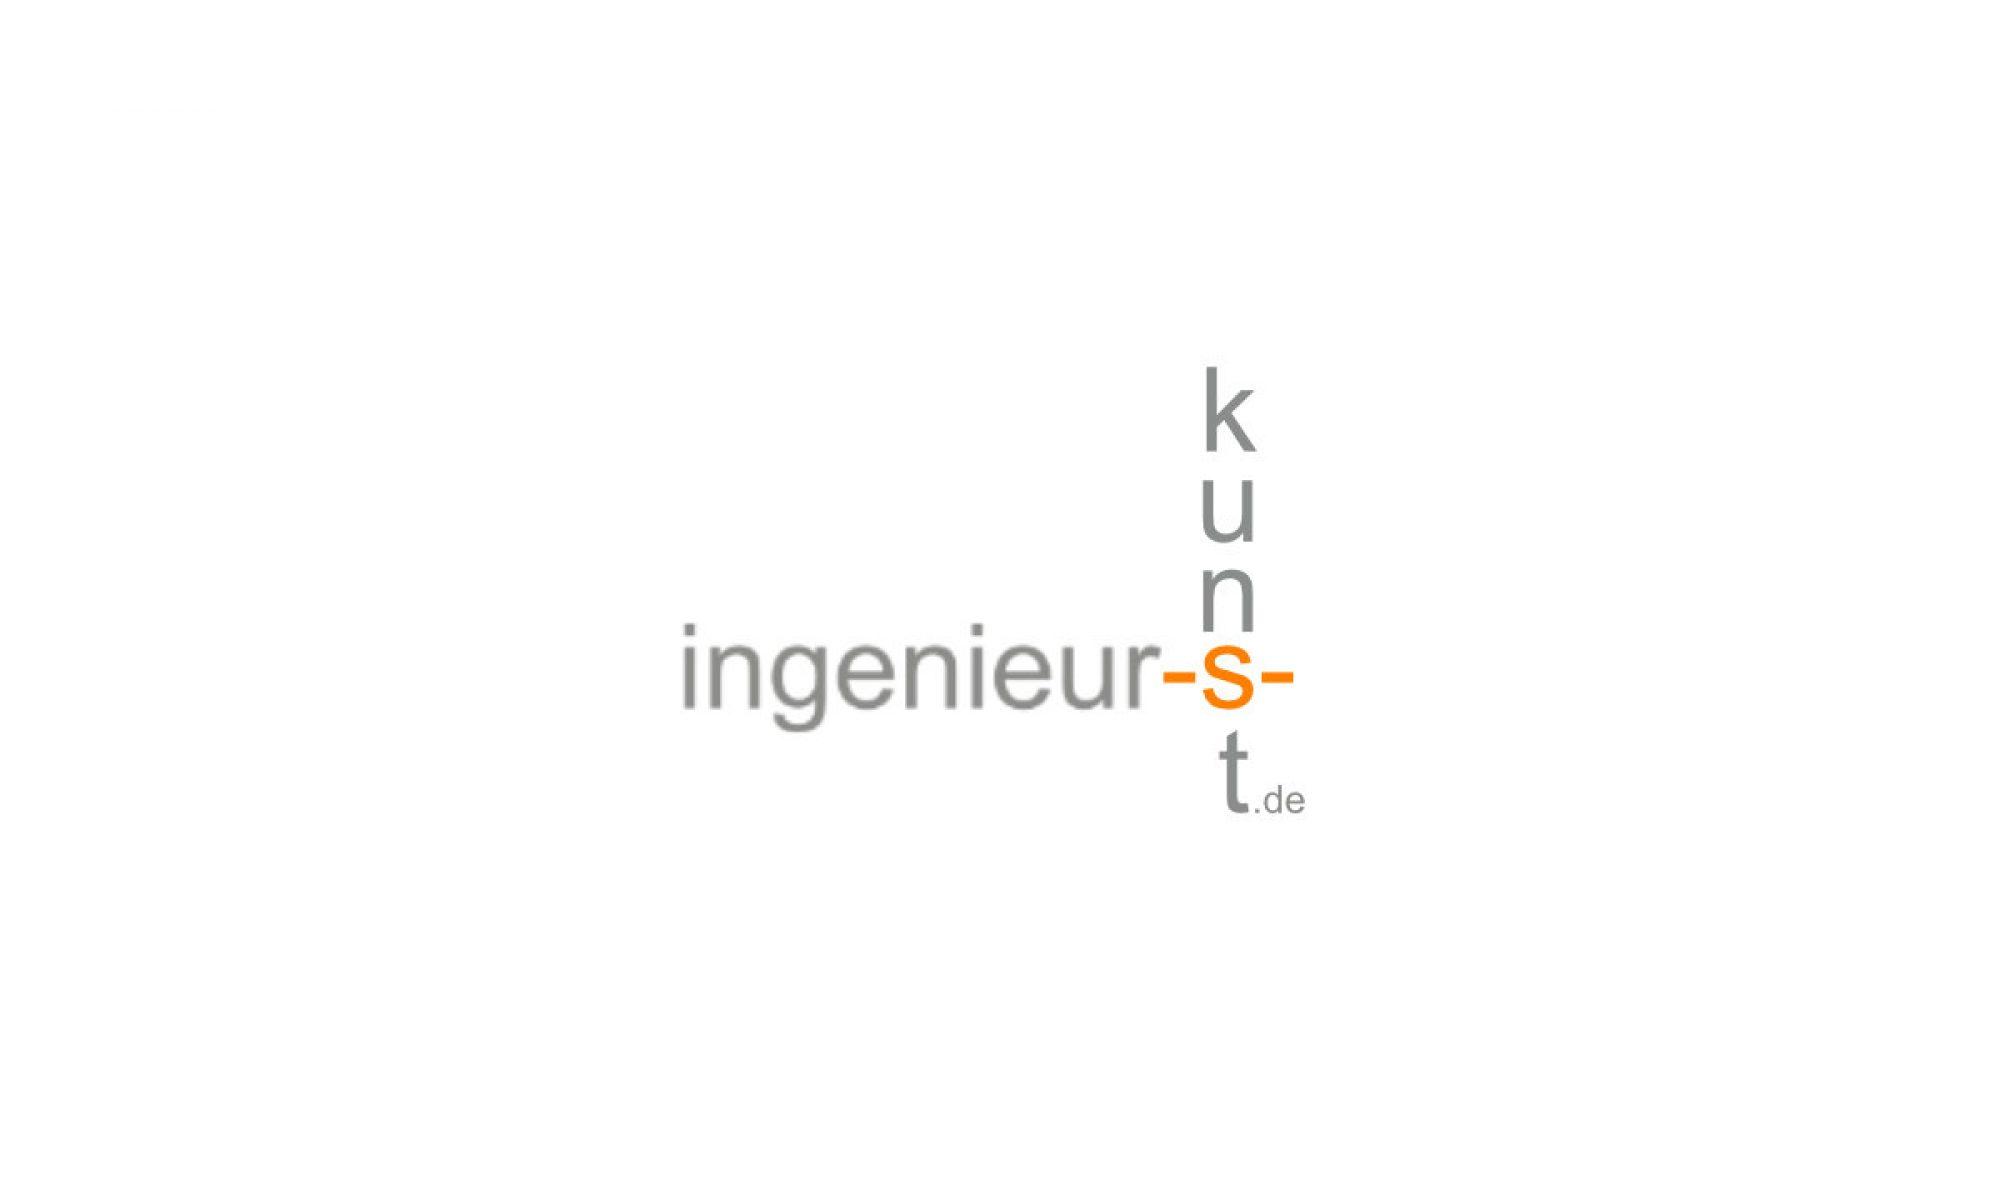 ingenieur-s-kunst.de